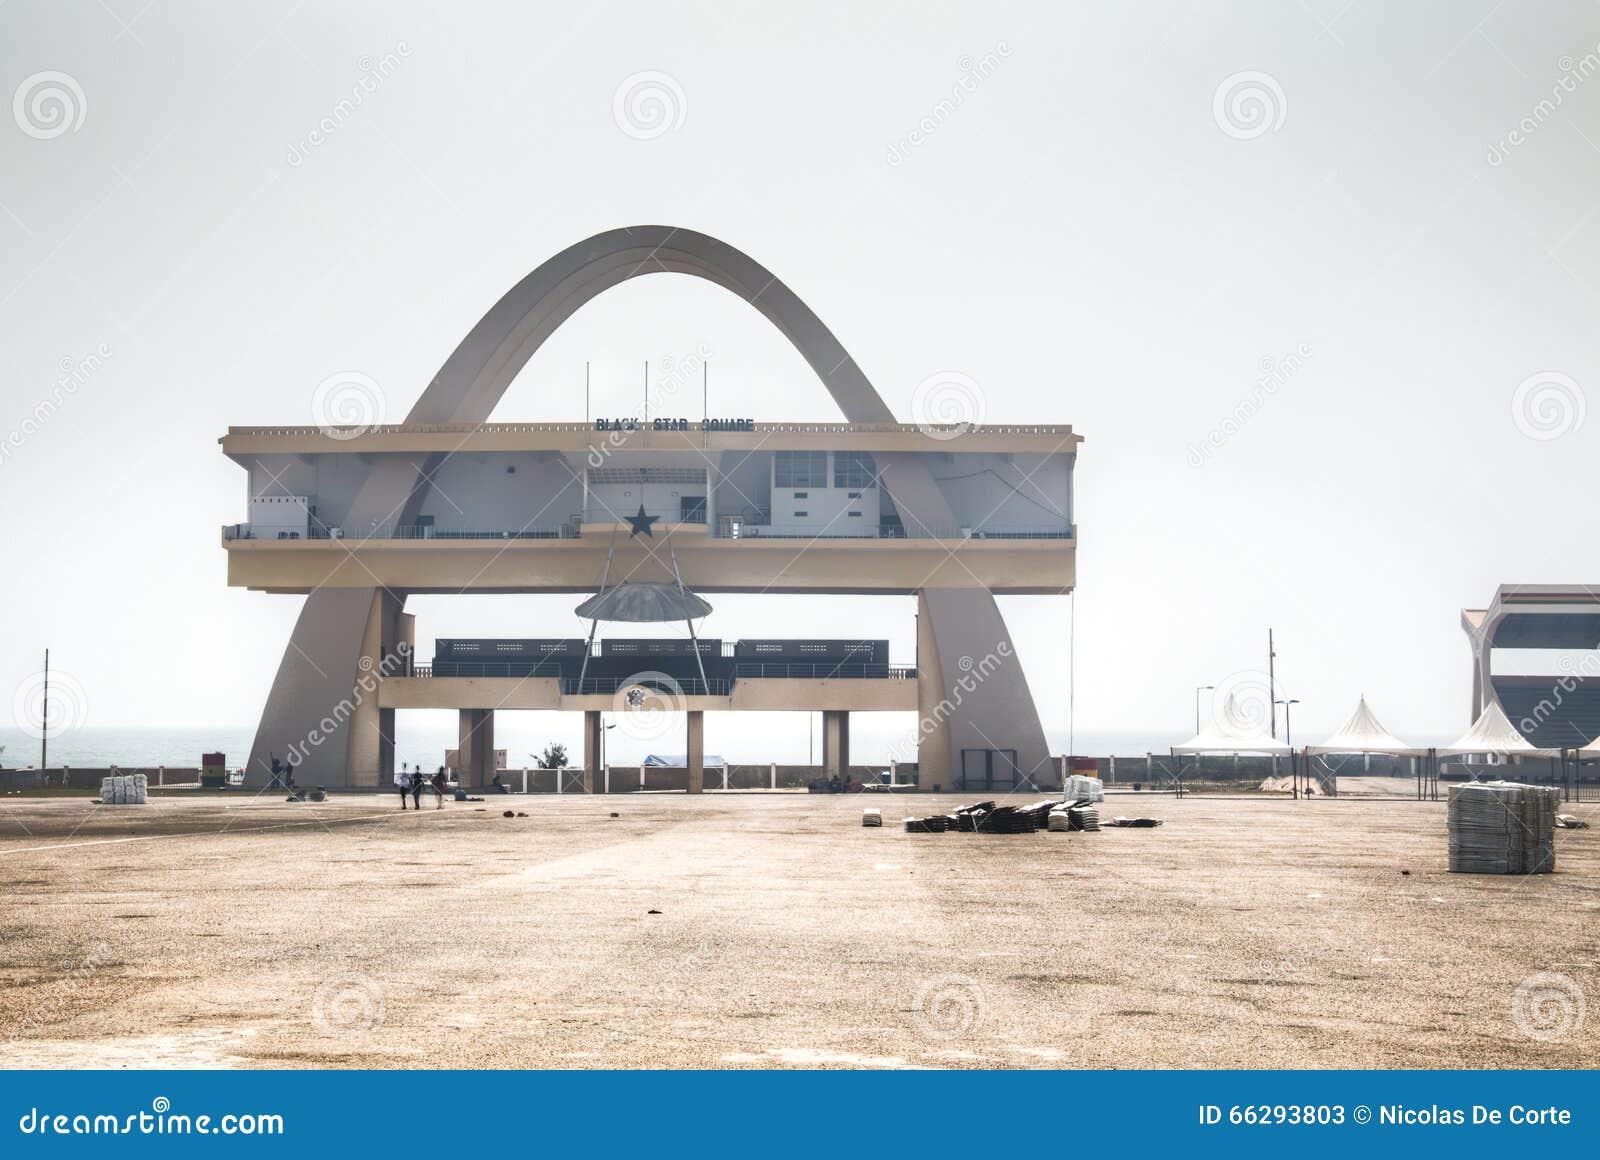 Τετράγωνο ανεξαρτησίας στην Άκρα, Γκάνα